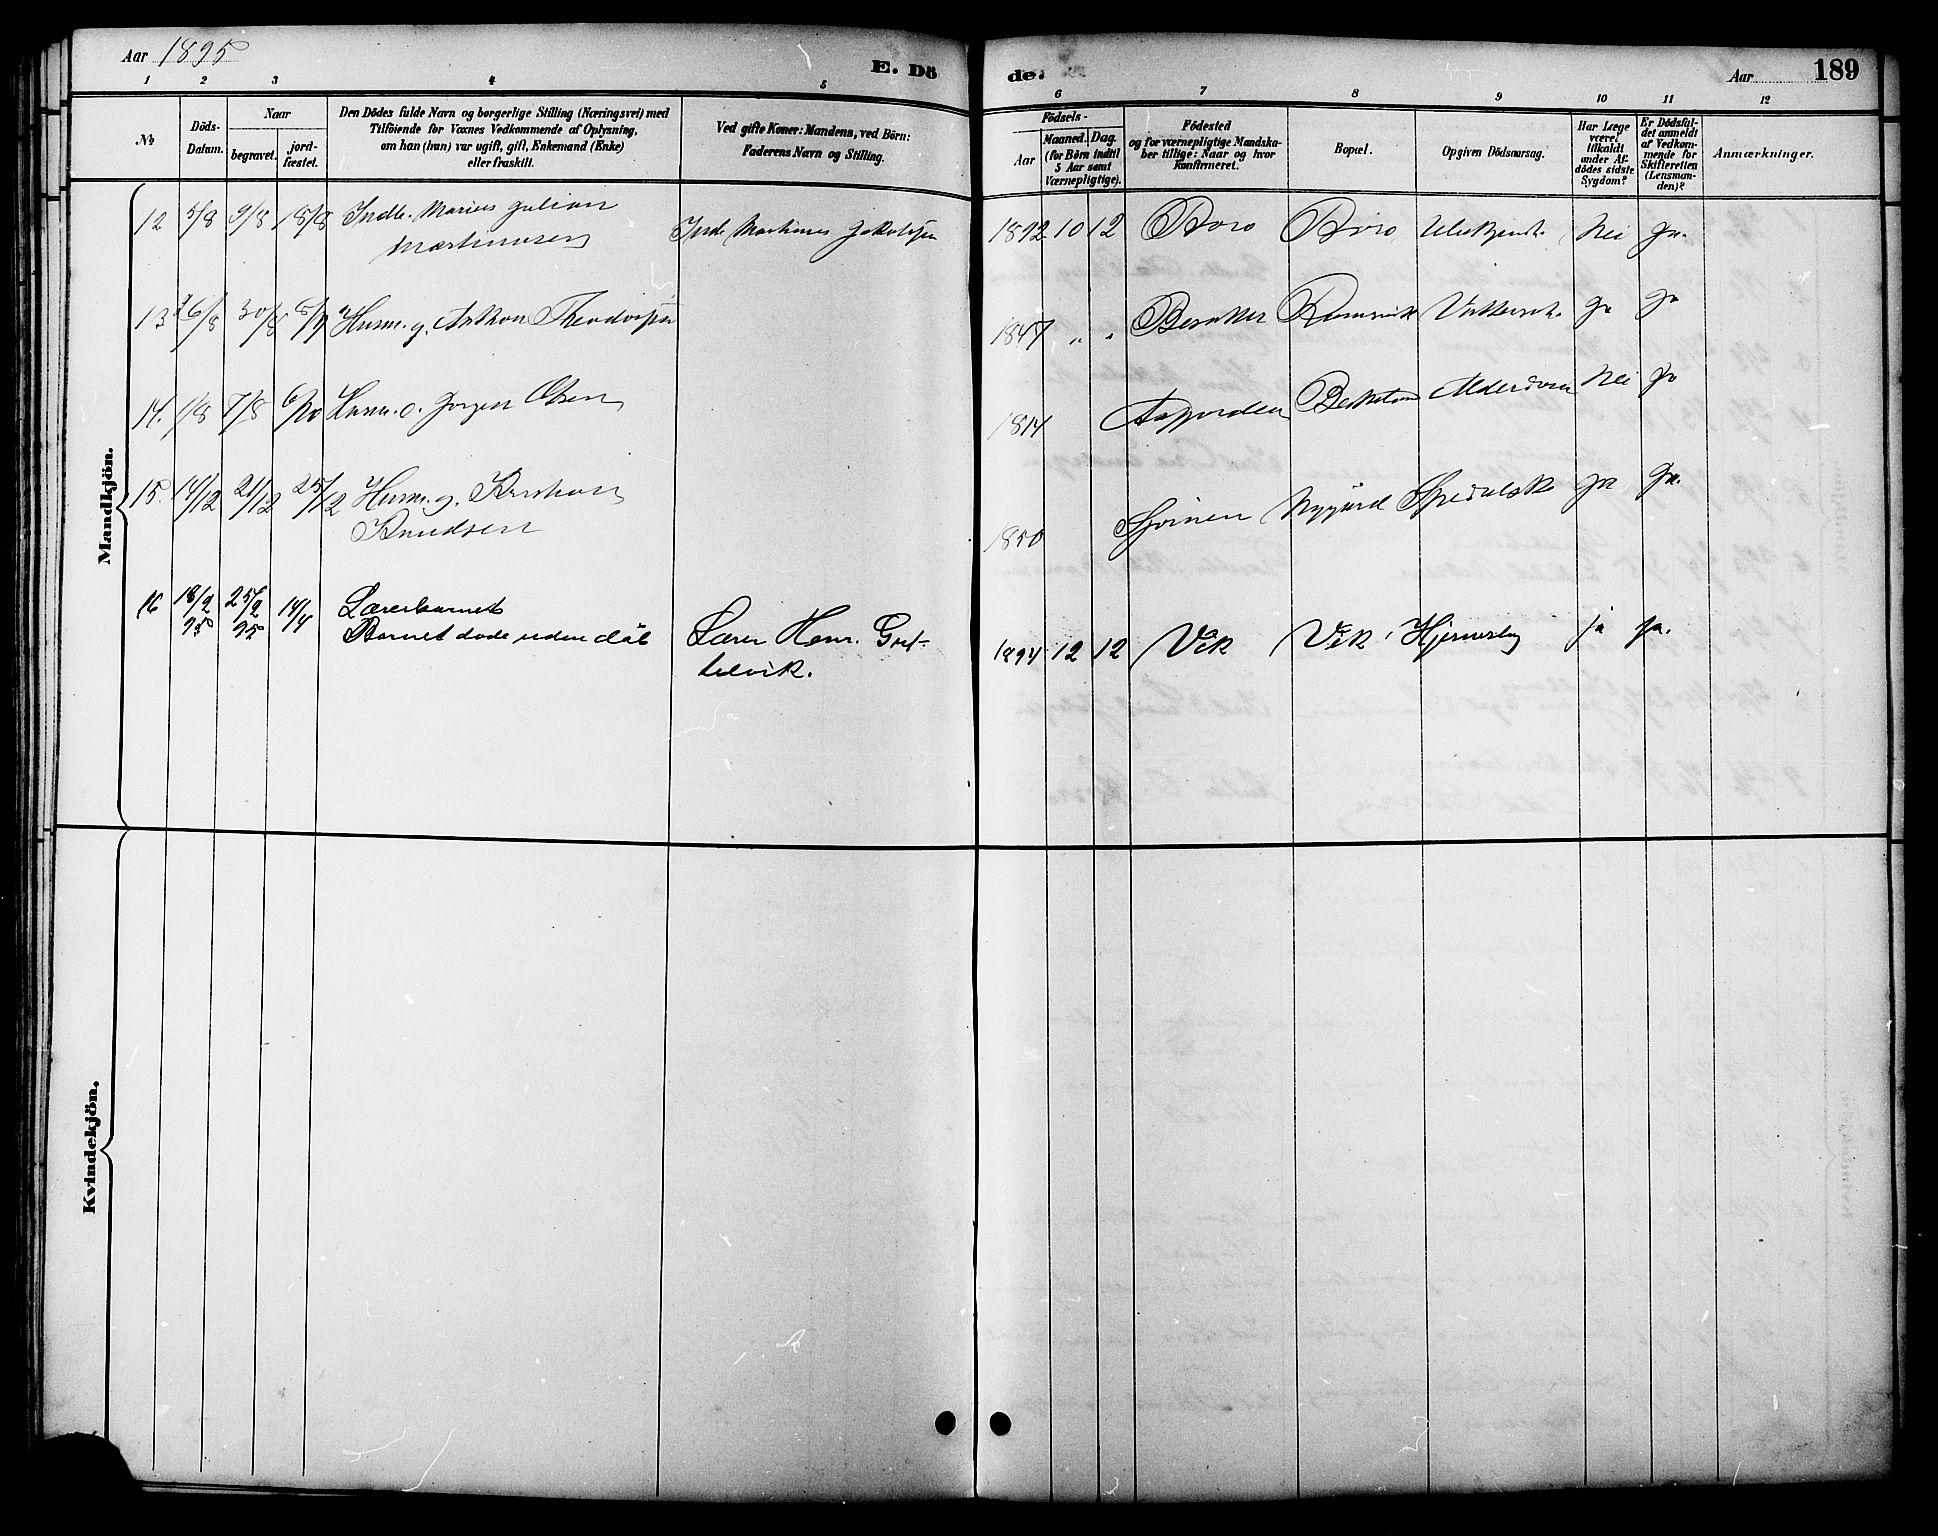 SAT, Ministerialprotokoller, klokkerbøker og fødselsregistre - Sør-Trøndelag, 657/L0716: Klokkerbok nr. 657C03, 1889-1904, s. 189